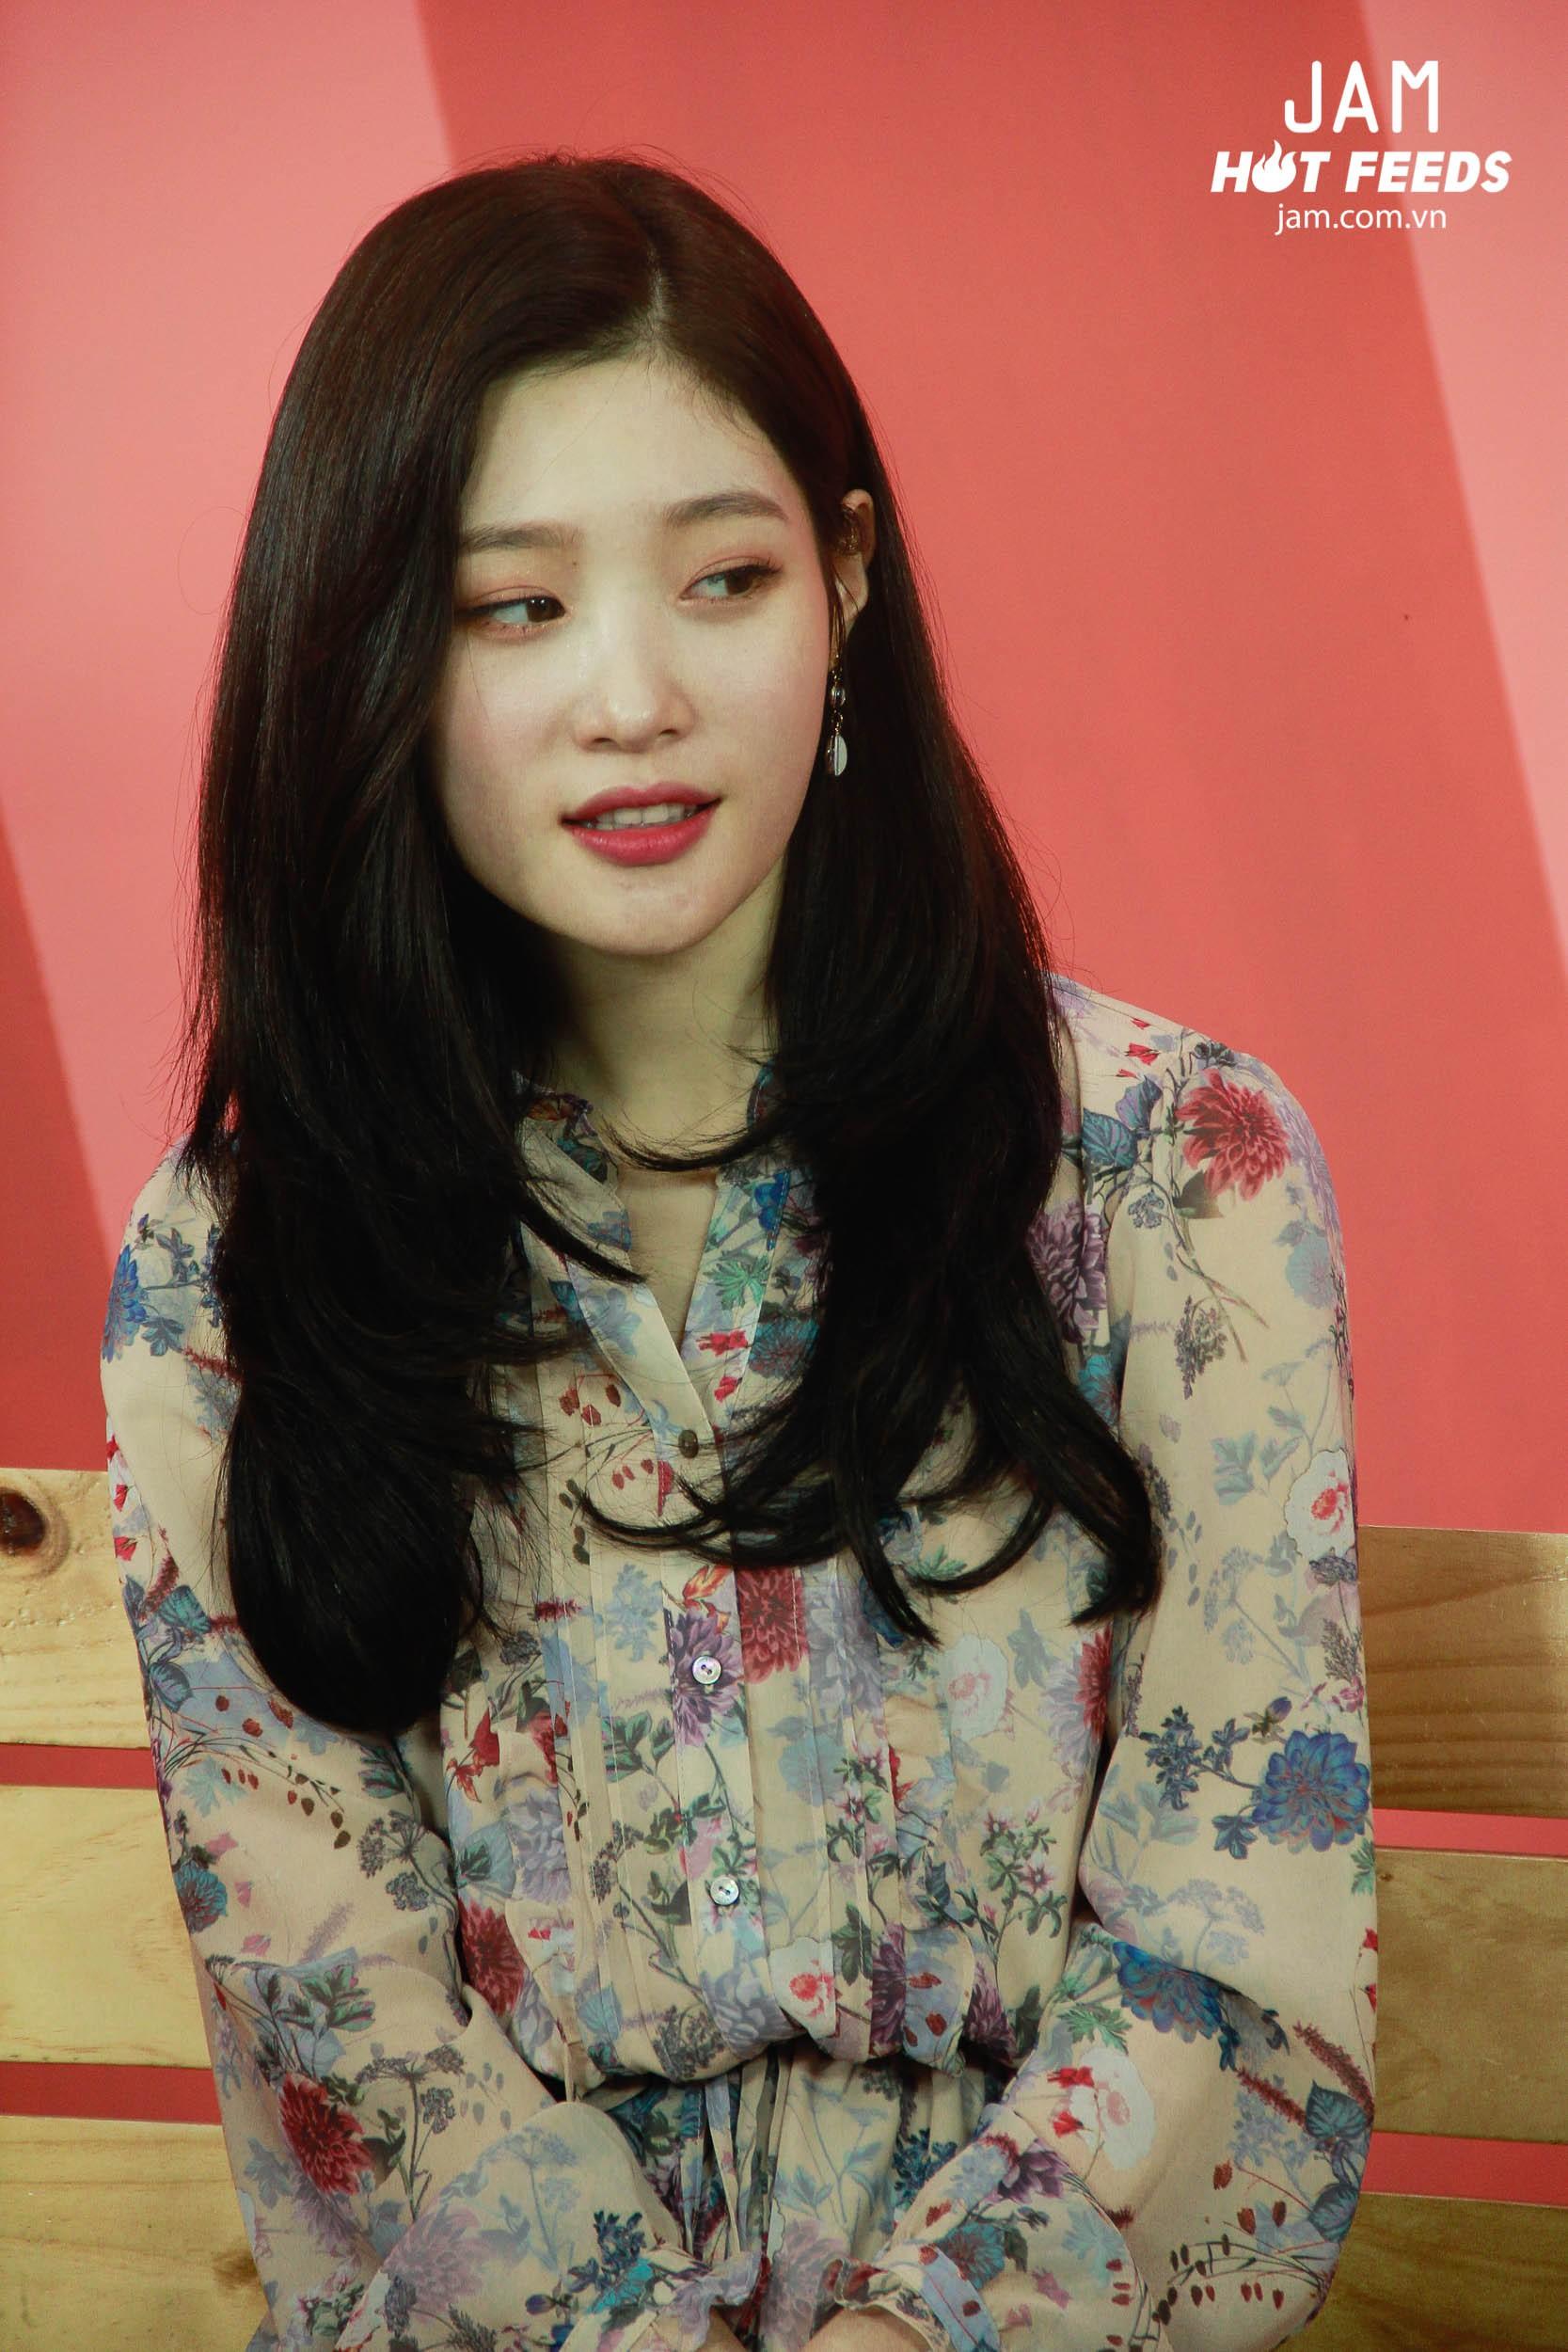 Xứng danh nữ thần thế hệ mới, Chae Yeon đẹp đến xiêu lòng trong bất kỳ khoảnh khắc nào! - Ảnh 4.